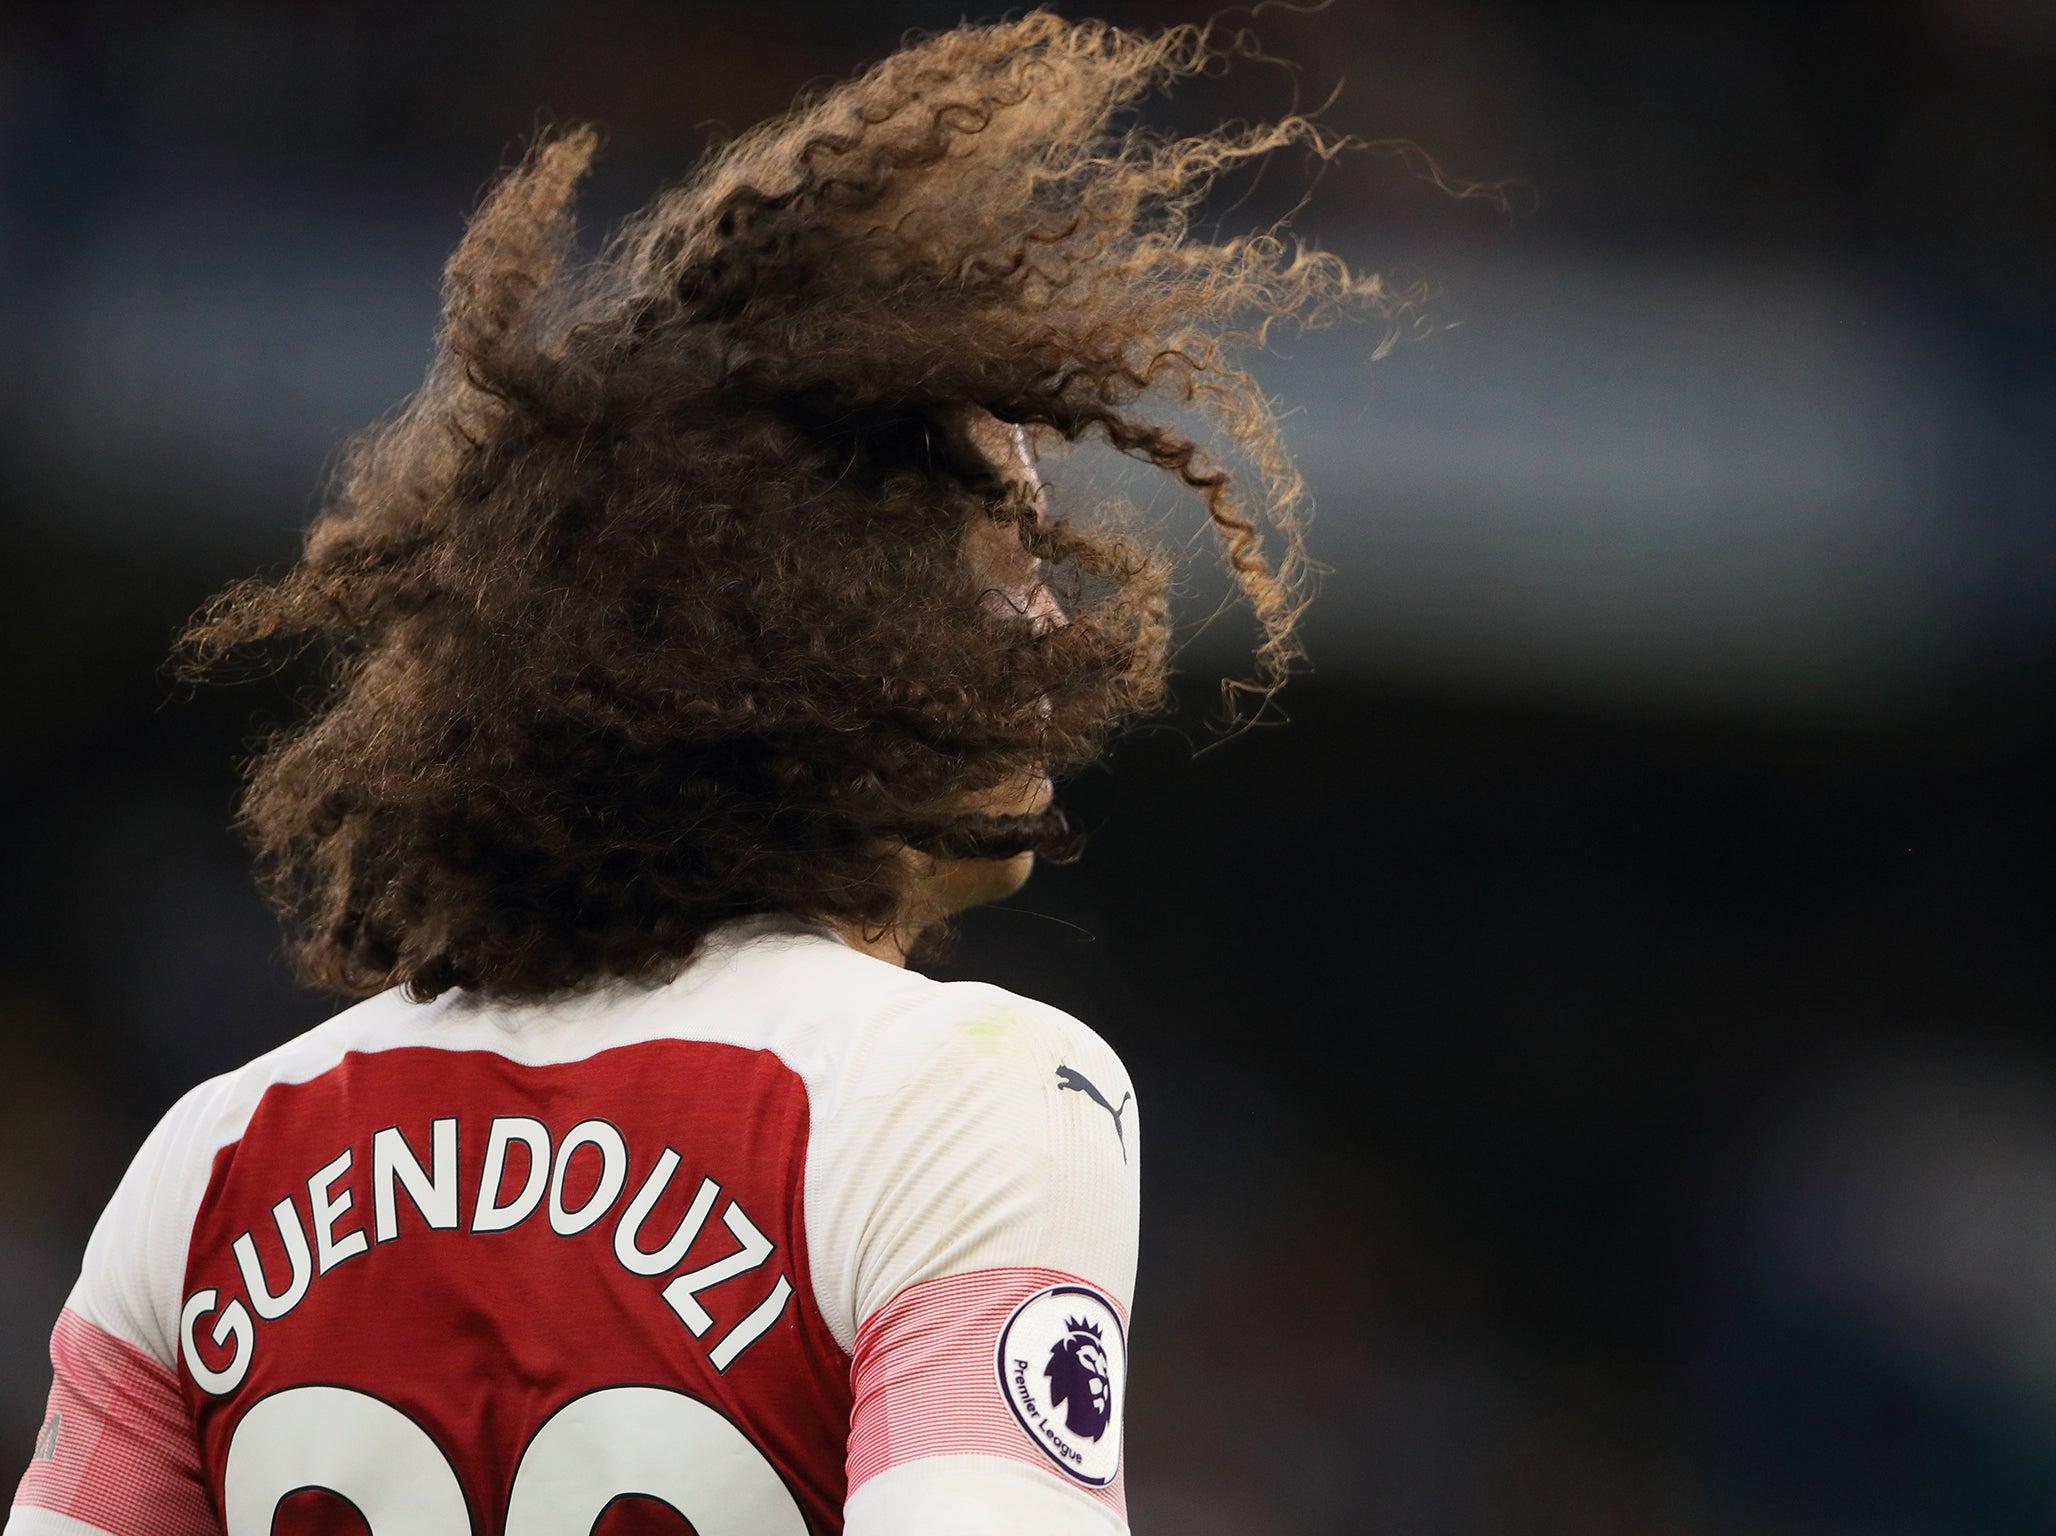 Arsenal news: Unai Emery surprised by Mattéo Guendouzi's rapid rise